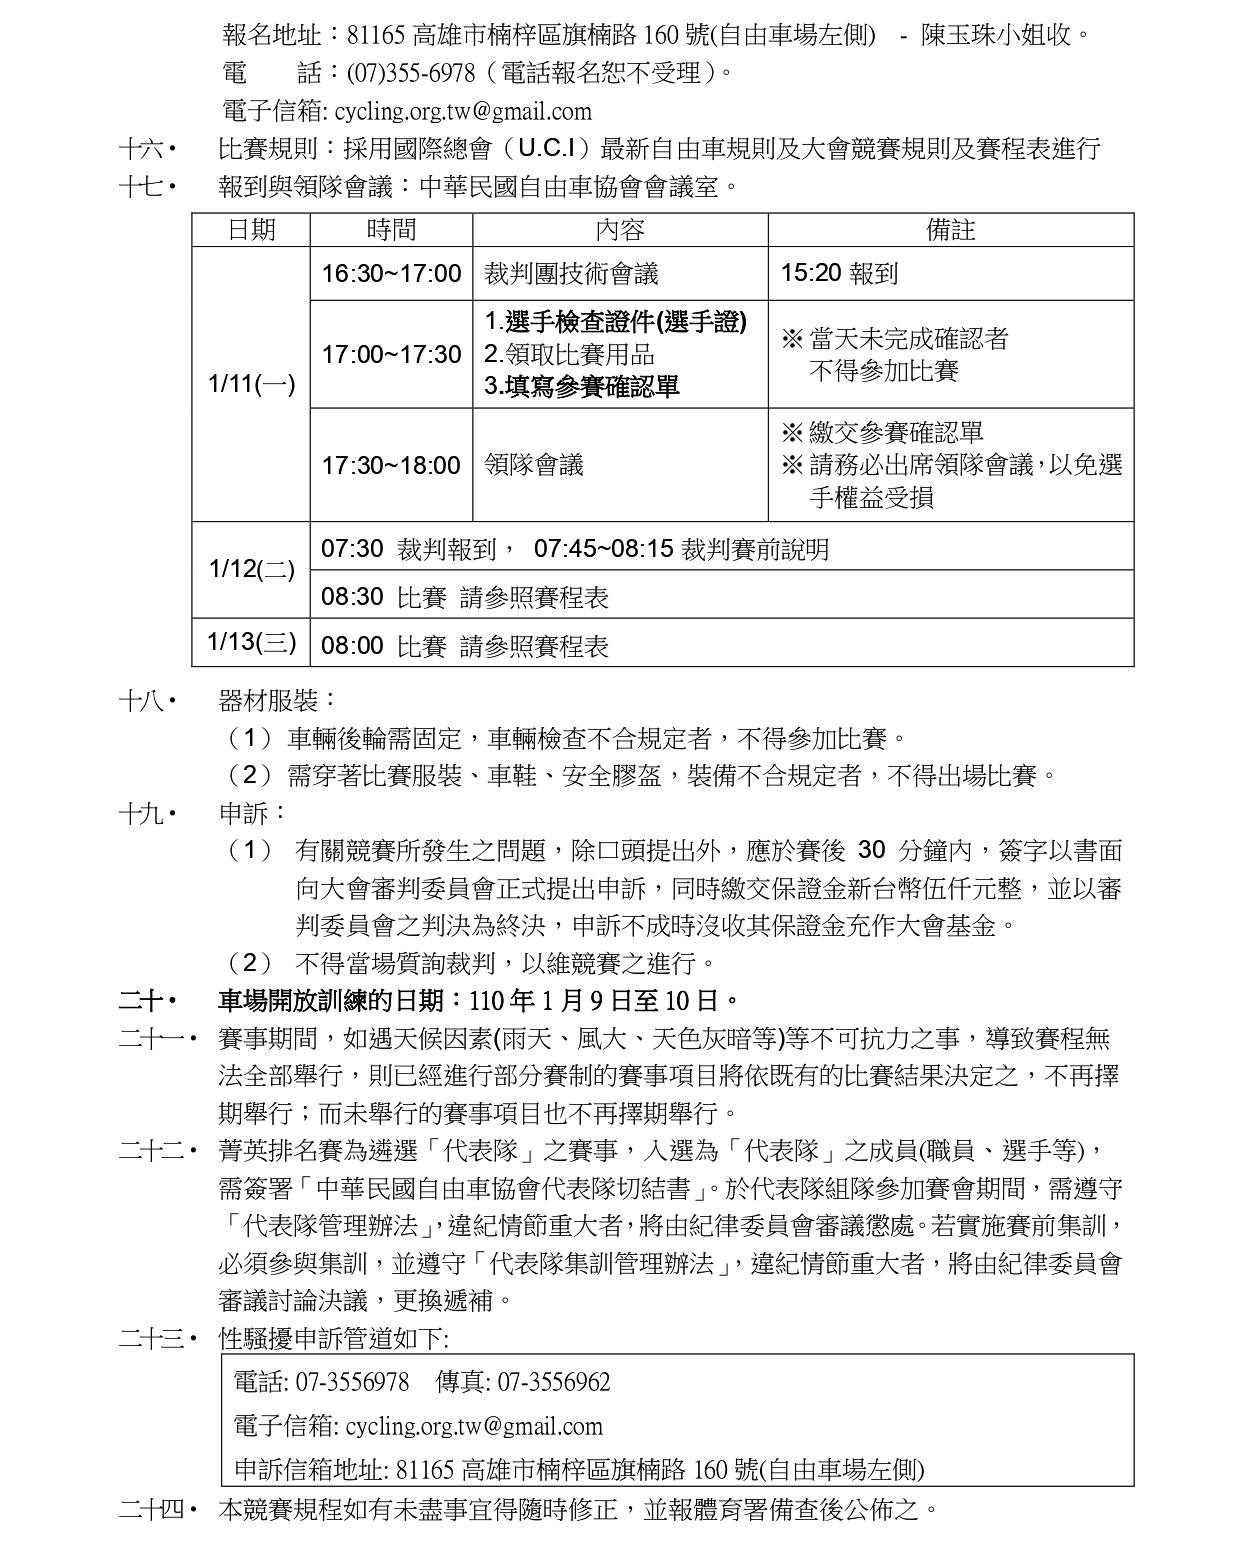 110年全國自由車場地菁英排名賽一競賽規程_page-0004-3